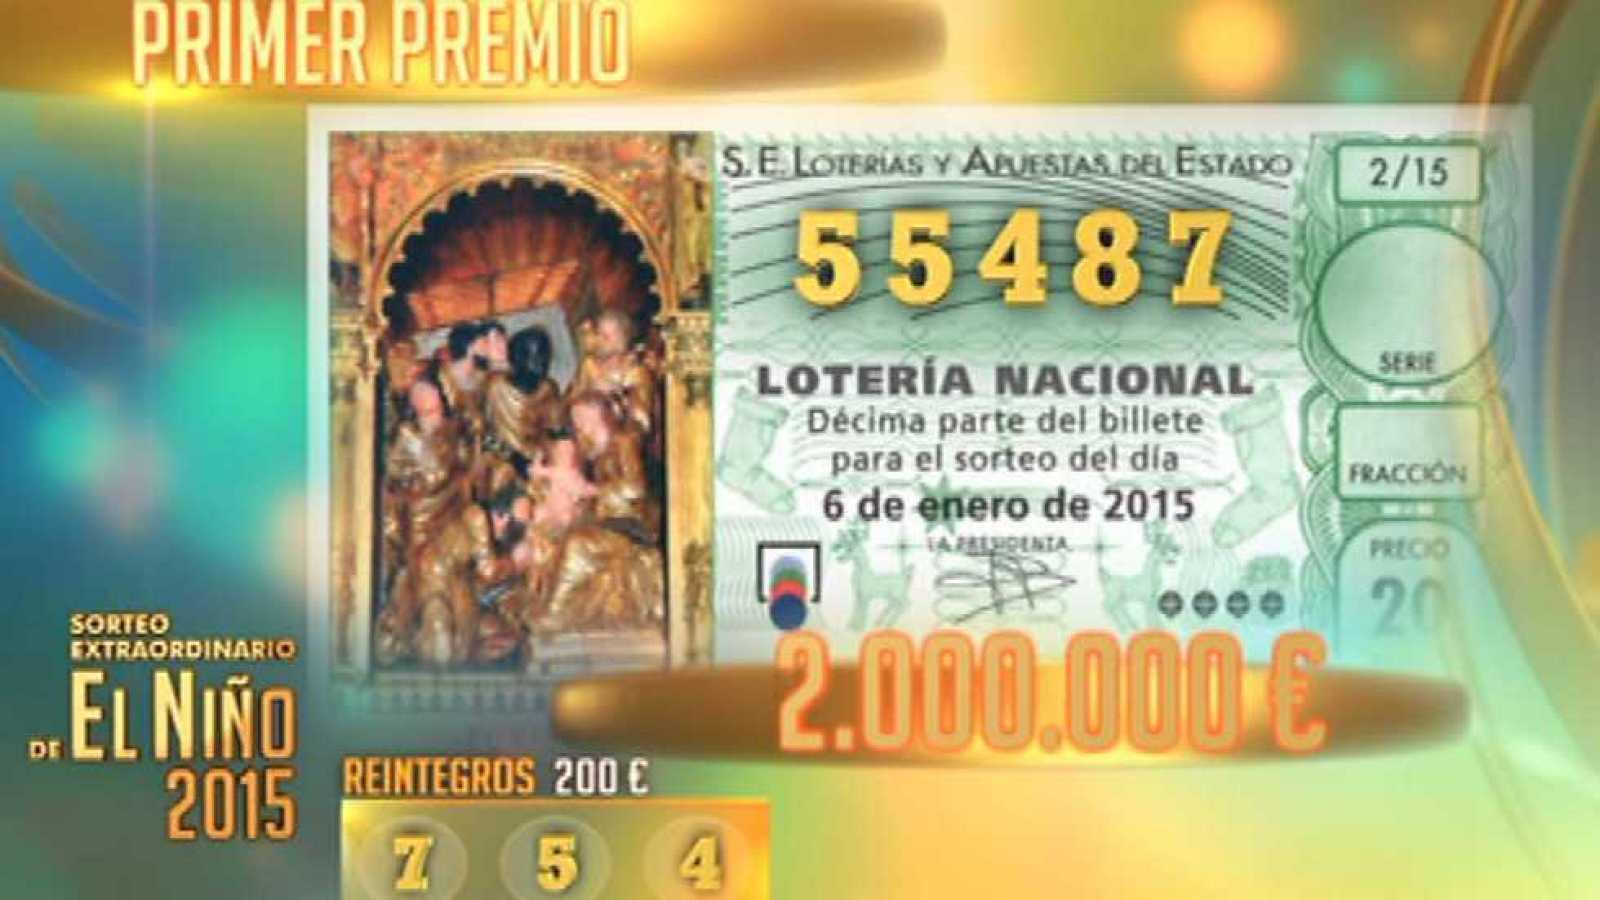 Comprobar Decimo Del Niño 2013 Loteria Del Nino 2015 Rtve Es